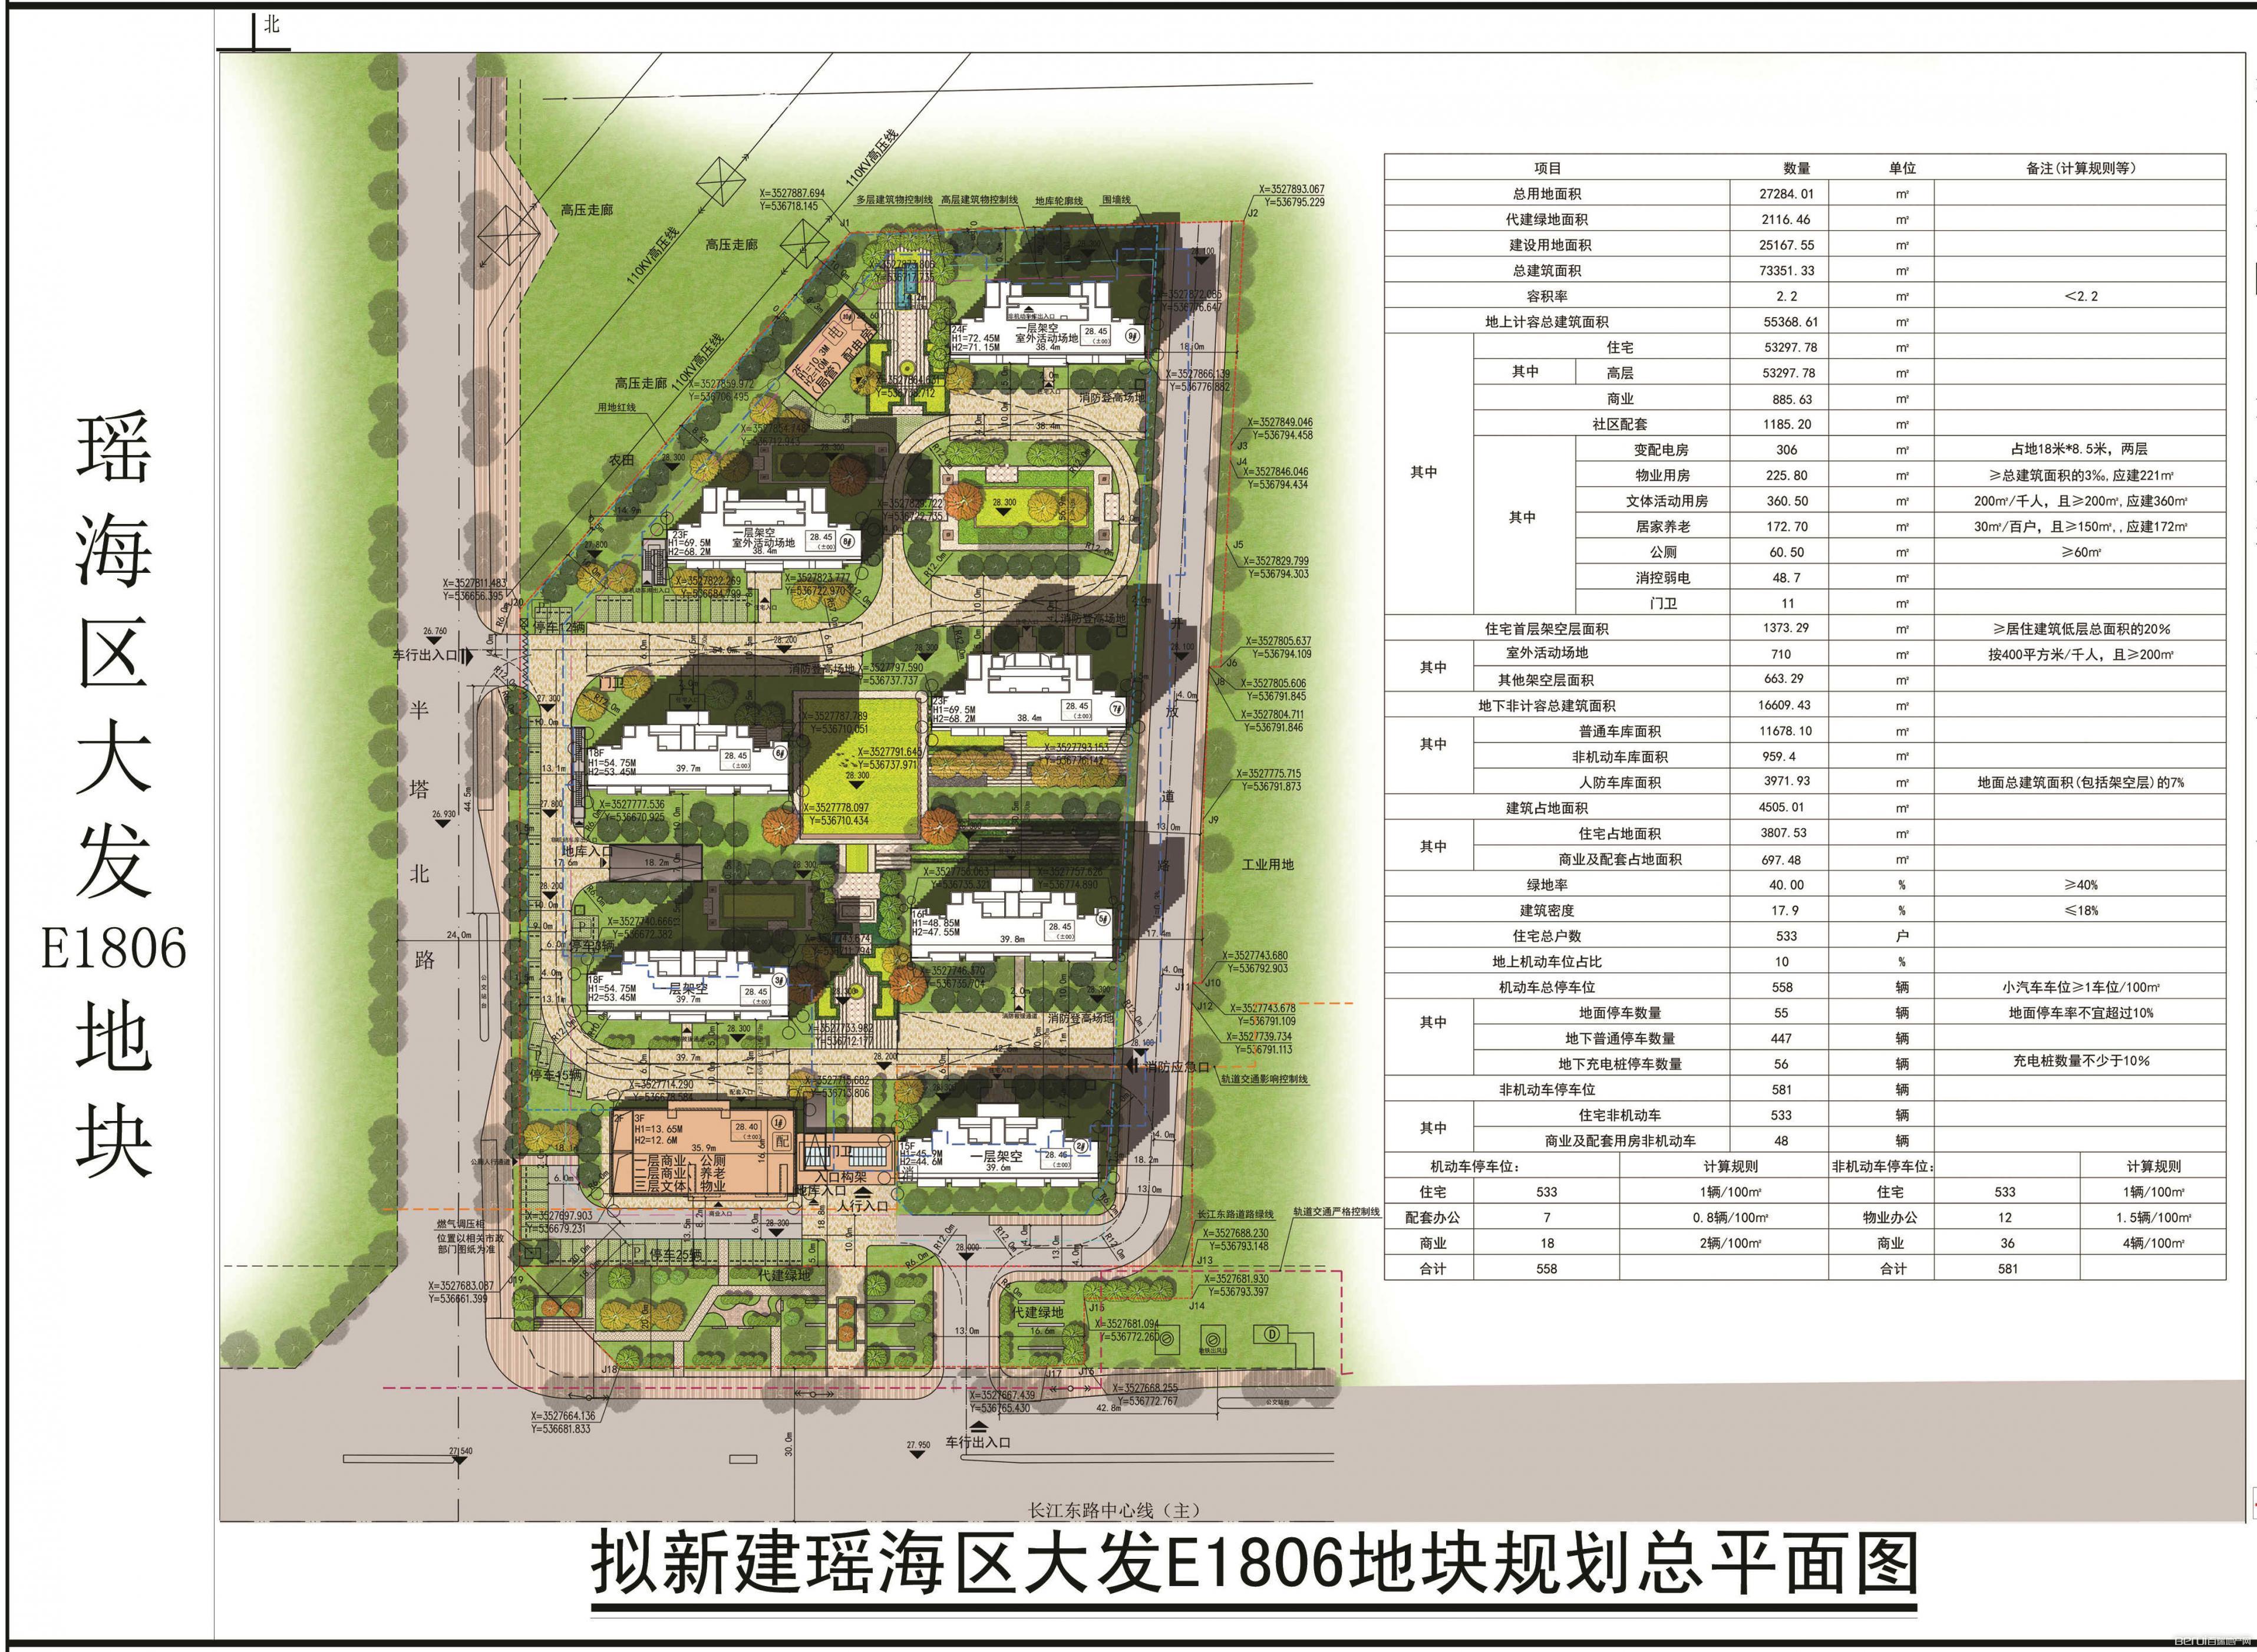 上海大发瑶海E1806地块规划图